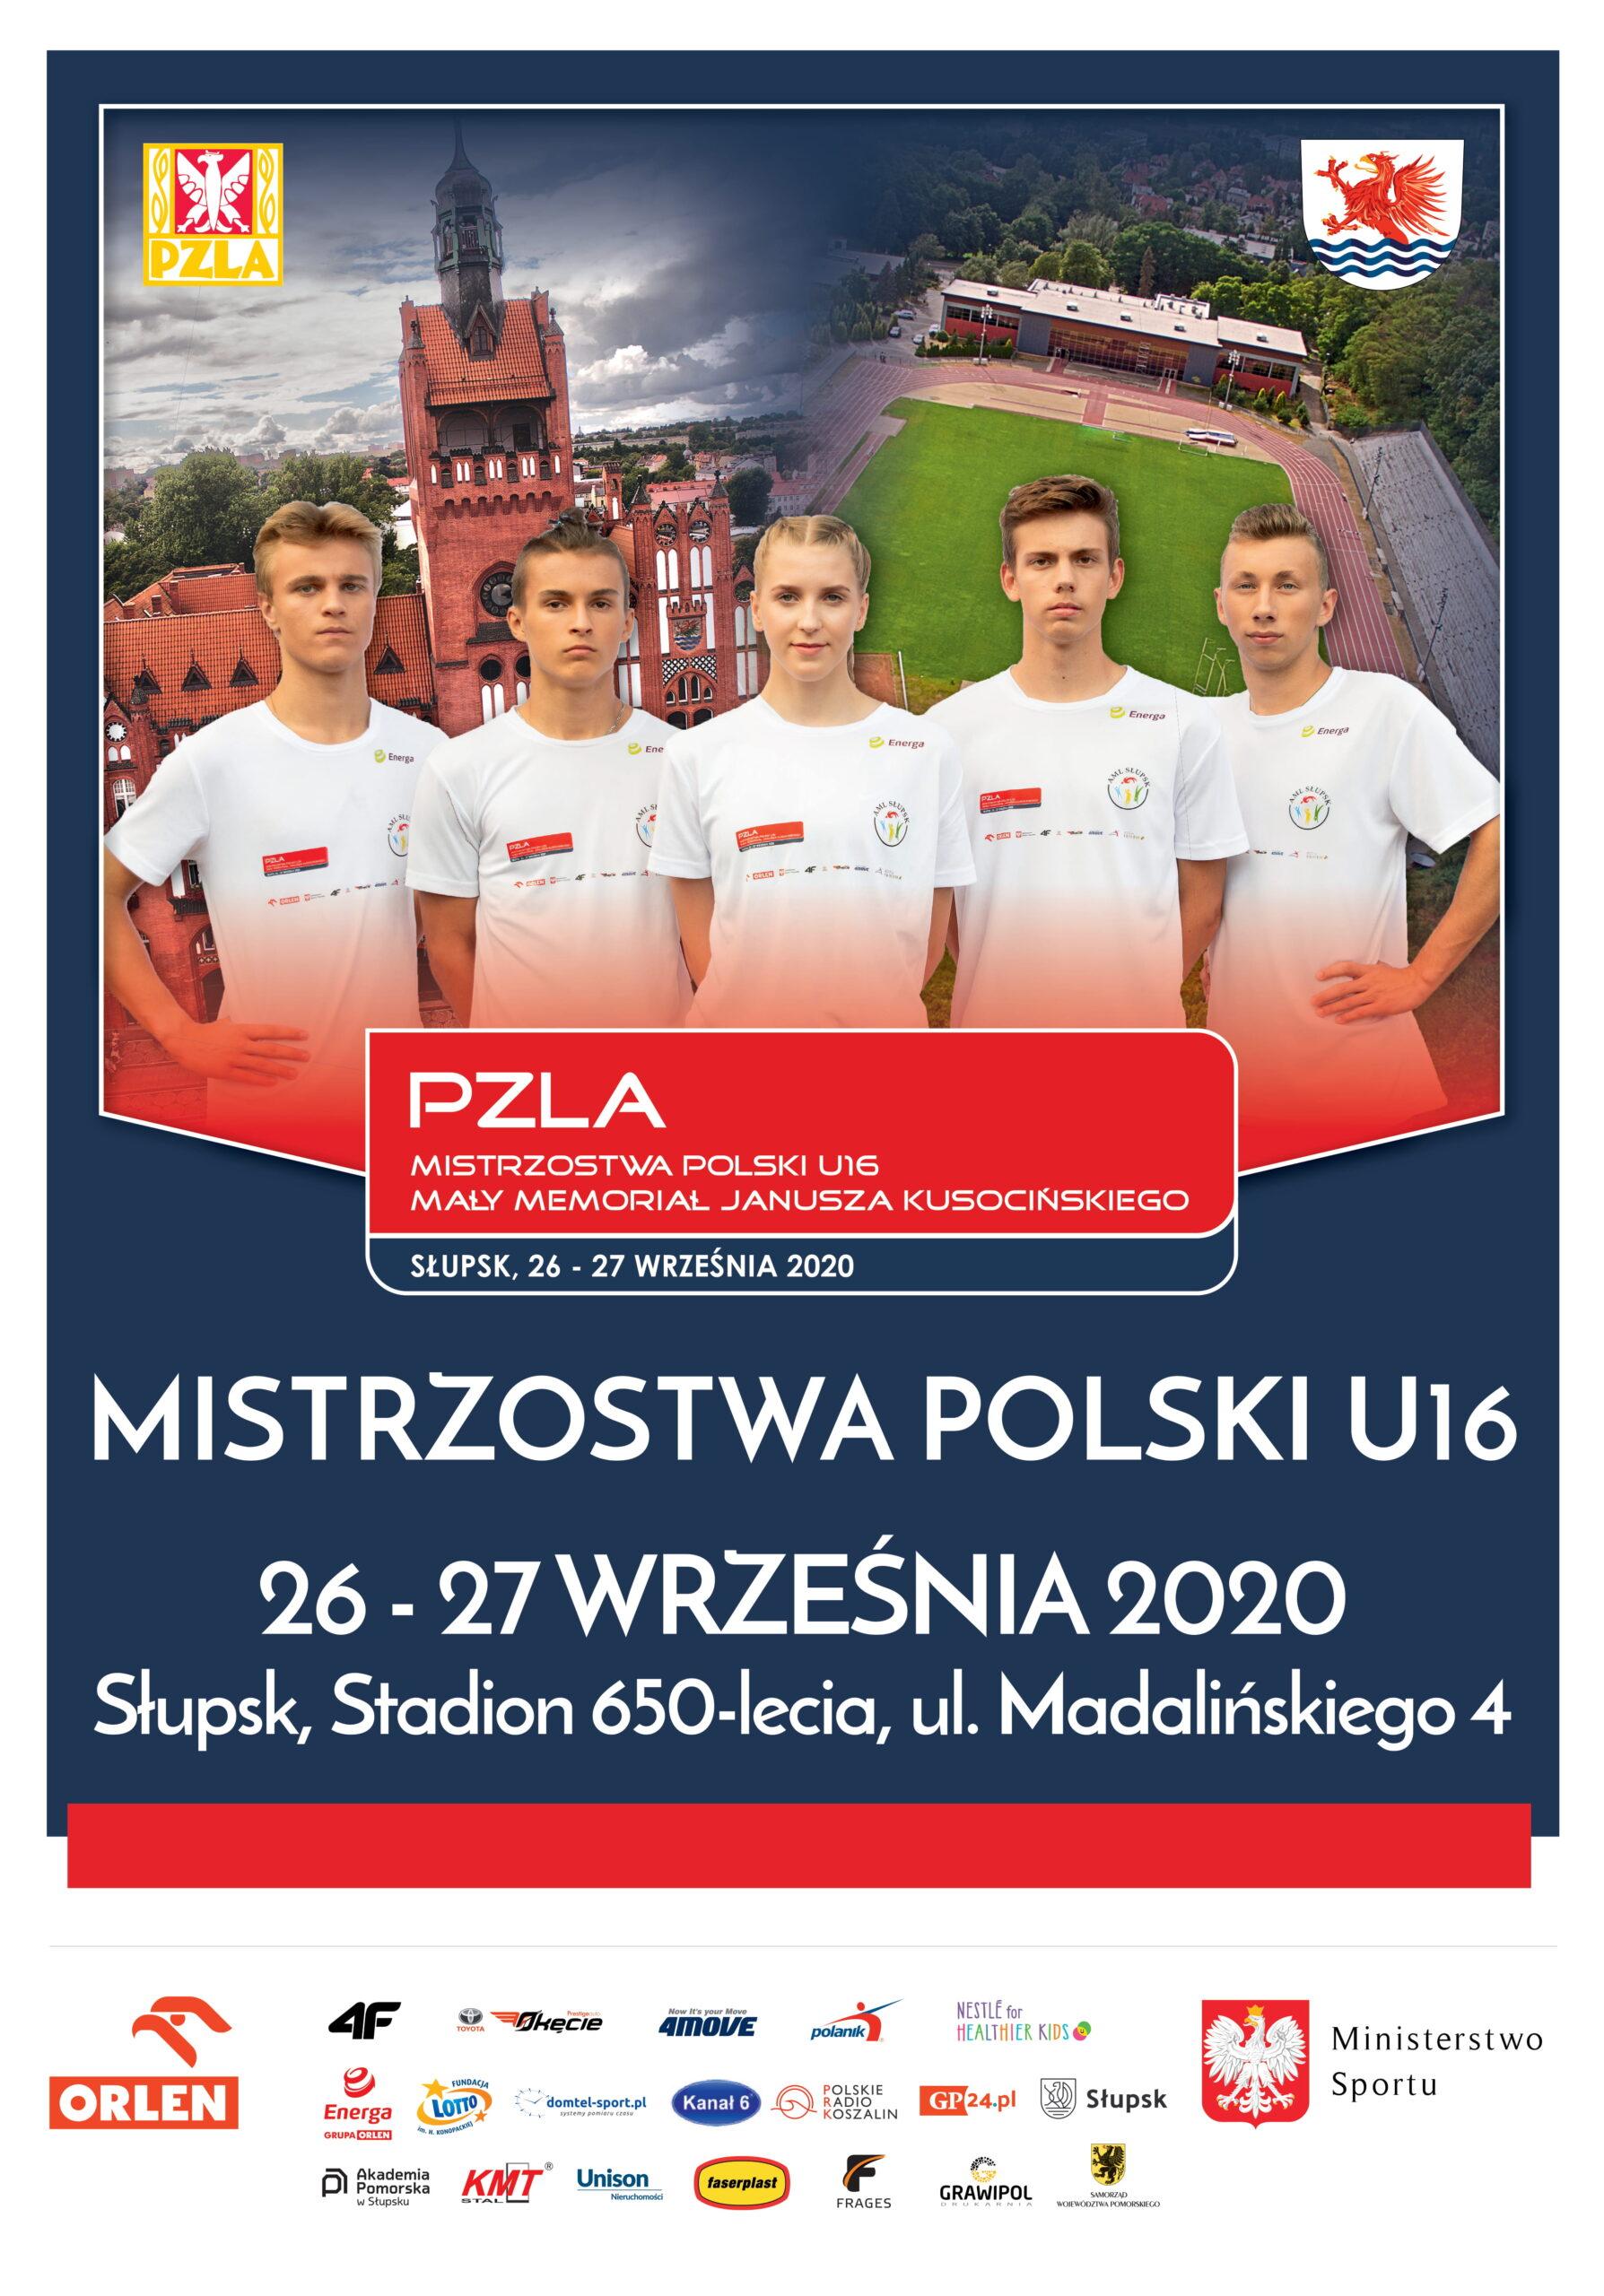 Mistrzostwa Polski U16